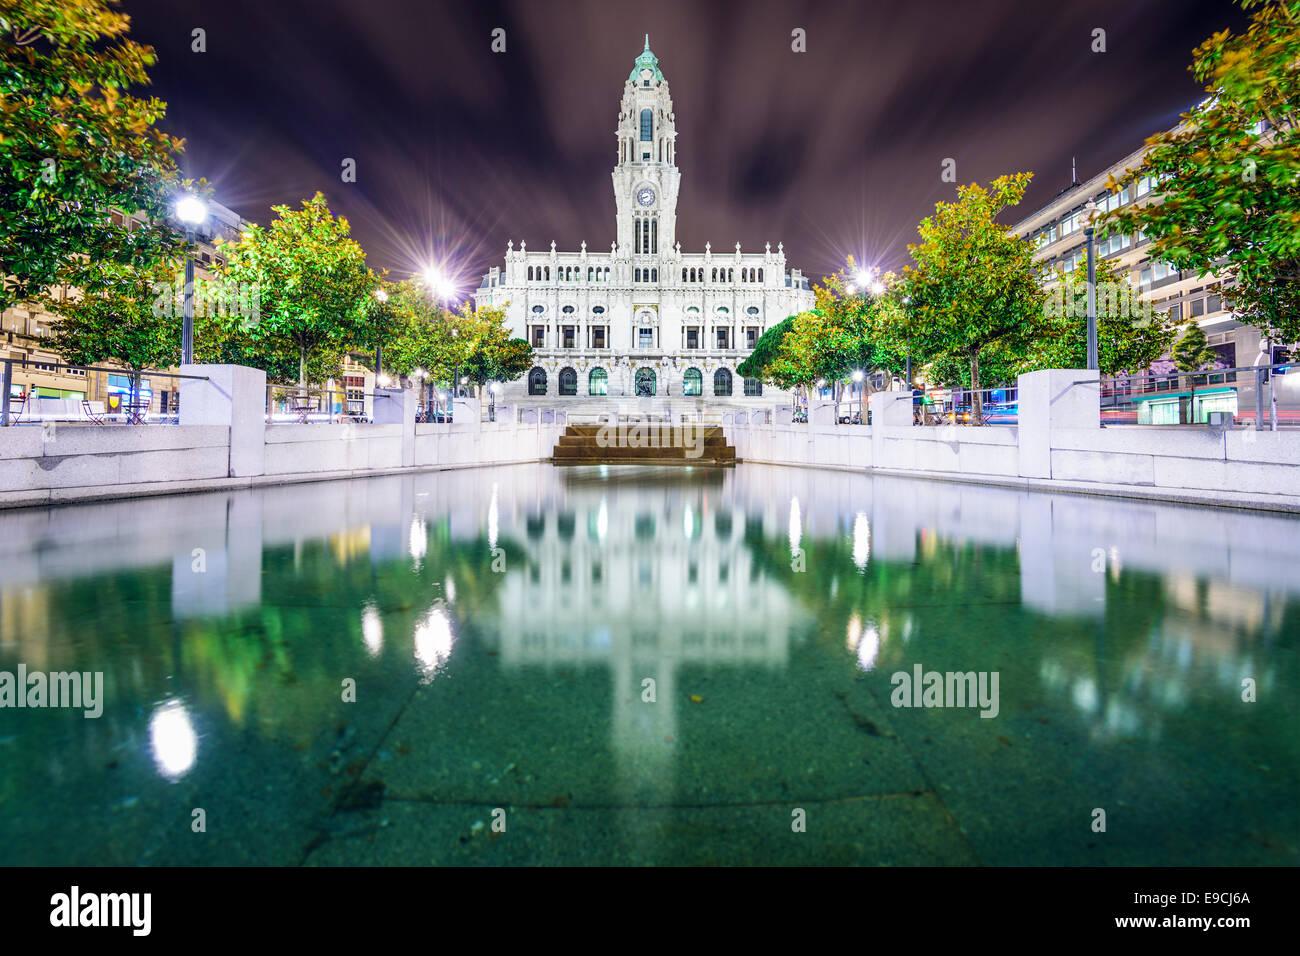 El ayuntamiento de Porto, Portugal en la noche. Imagen De Stock